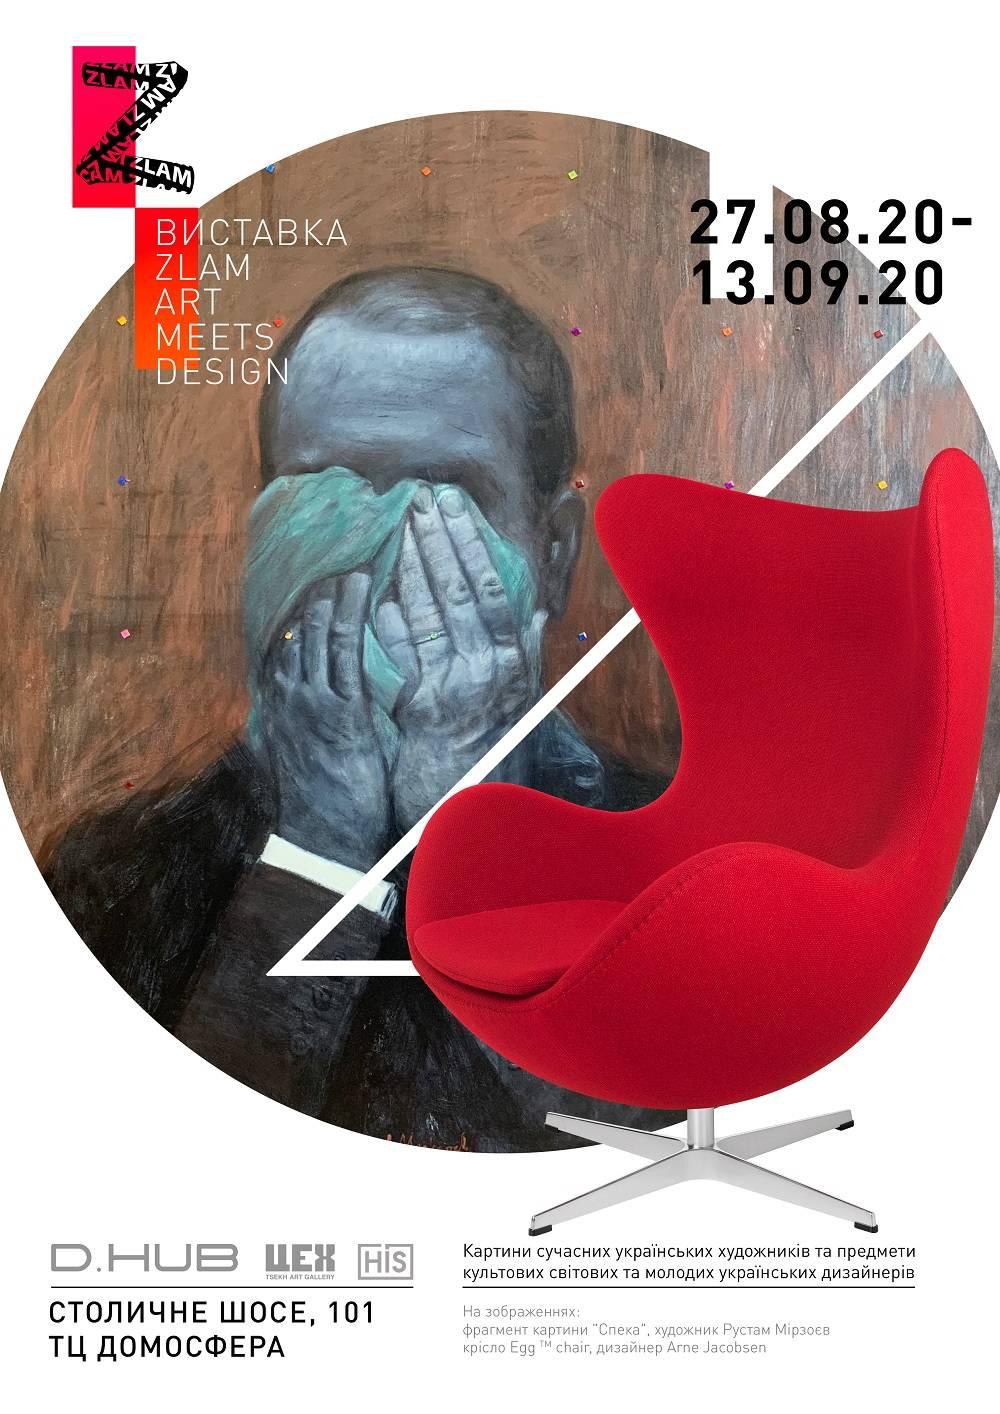 ZLAM з 27 серпня по 13 вересня у виставковому просторі D.HUB (еnglish version below)